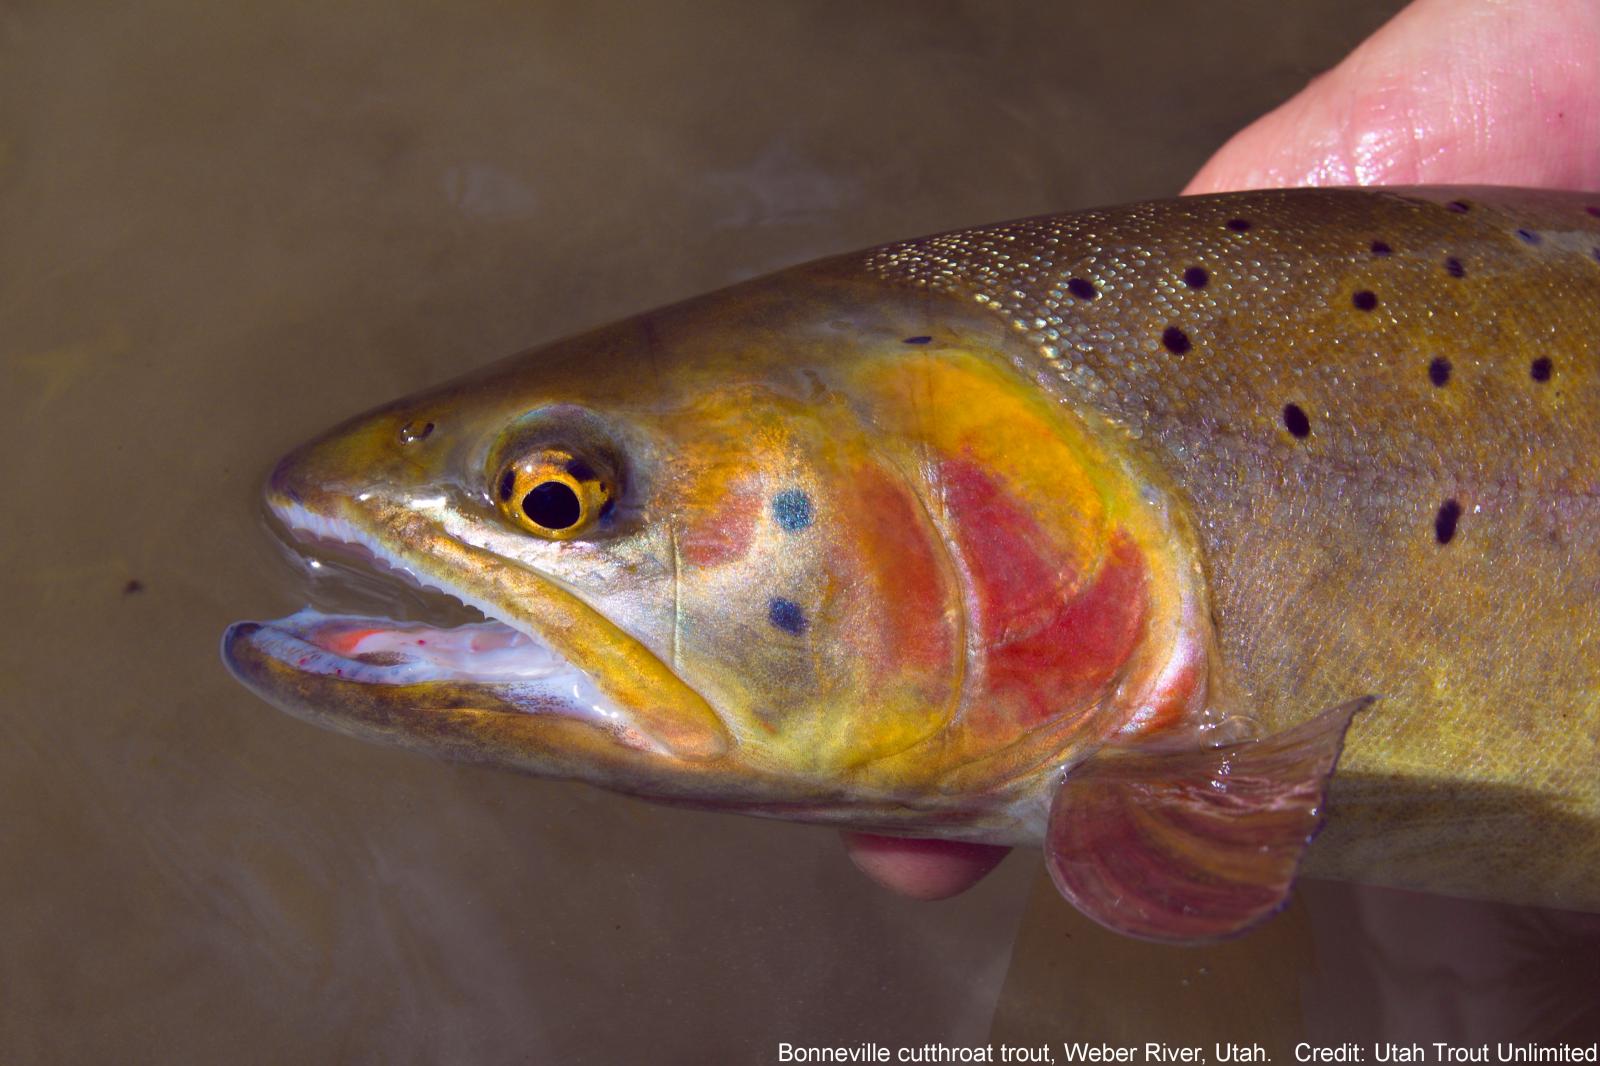 Close up of Bonneville cutthroat trout. Credit: Utah Trout Unlimited